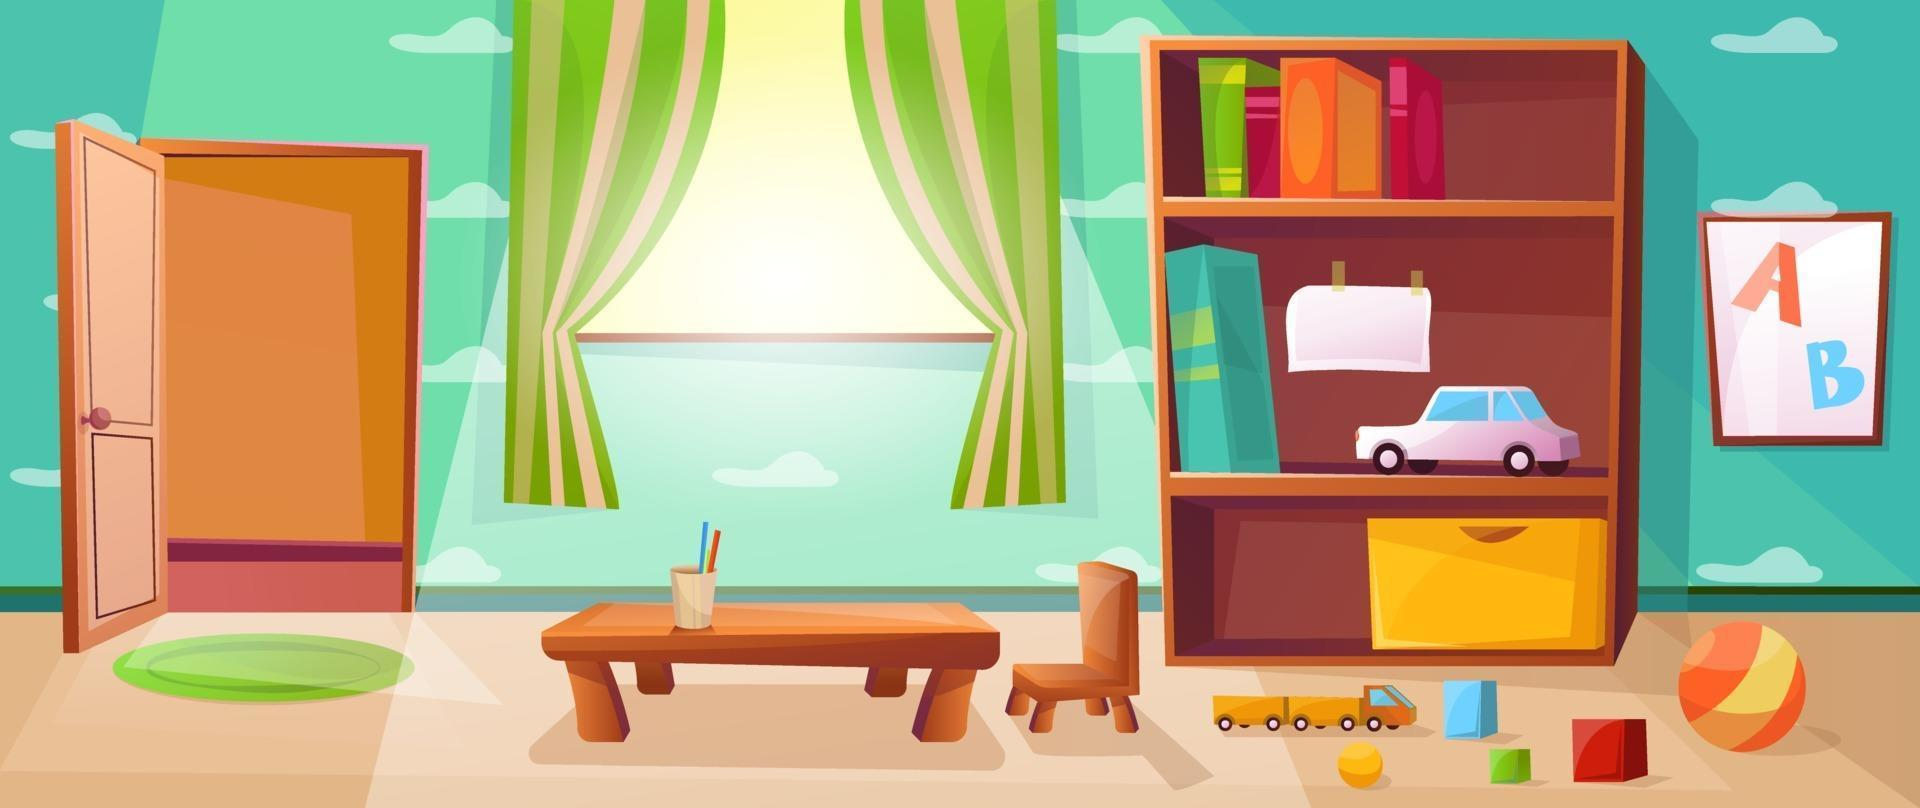 Kindergarten Spielzimmer mit Spielen, Spielzeug, ABC und offener Tür. Grundschulklasse mit Fenster und Tisch für Kinder oder Kinder. Tapete mit Wolkenillustration. vektor